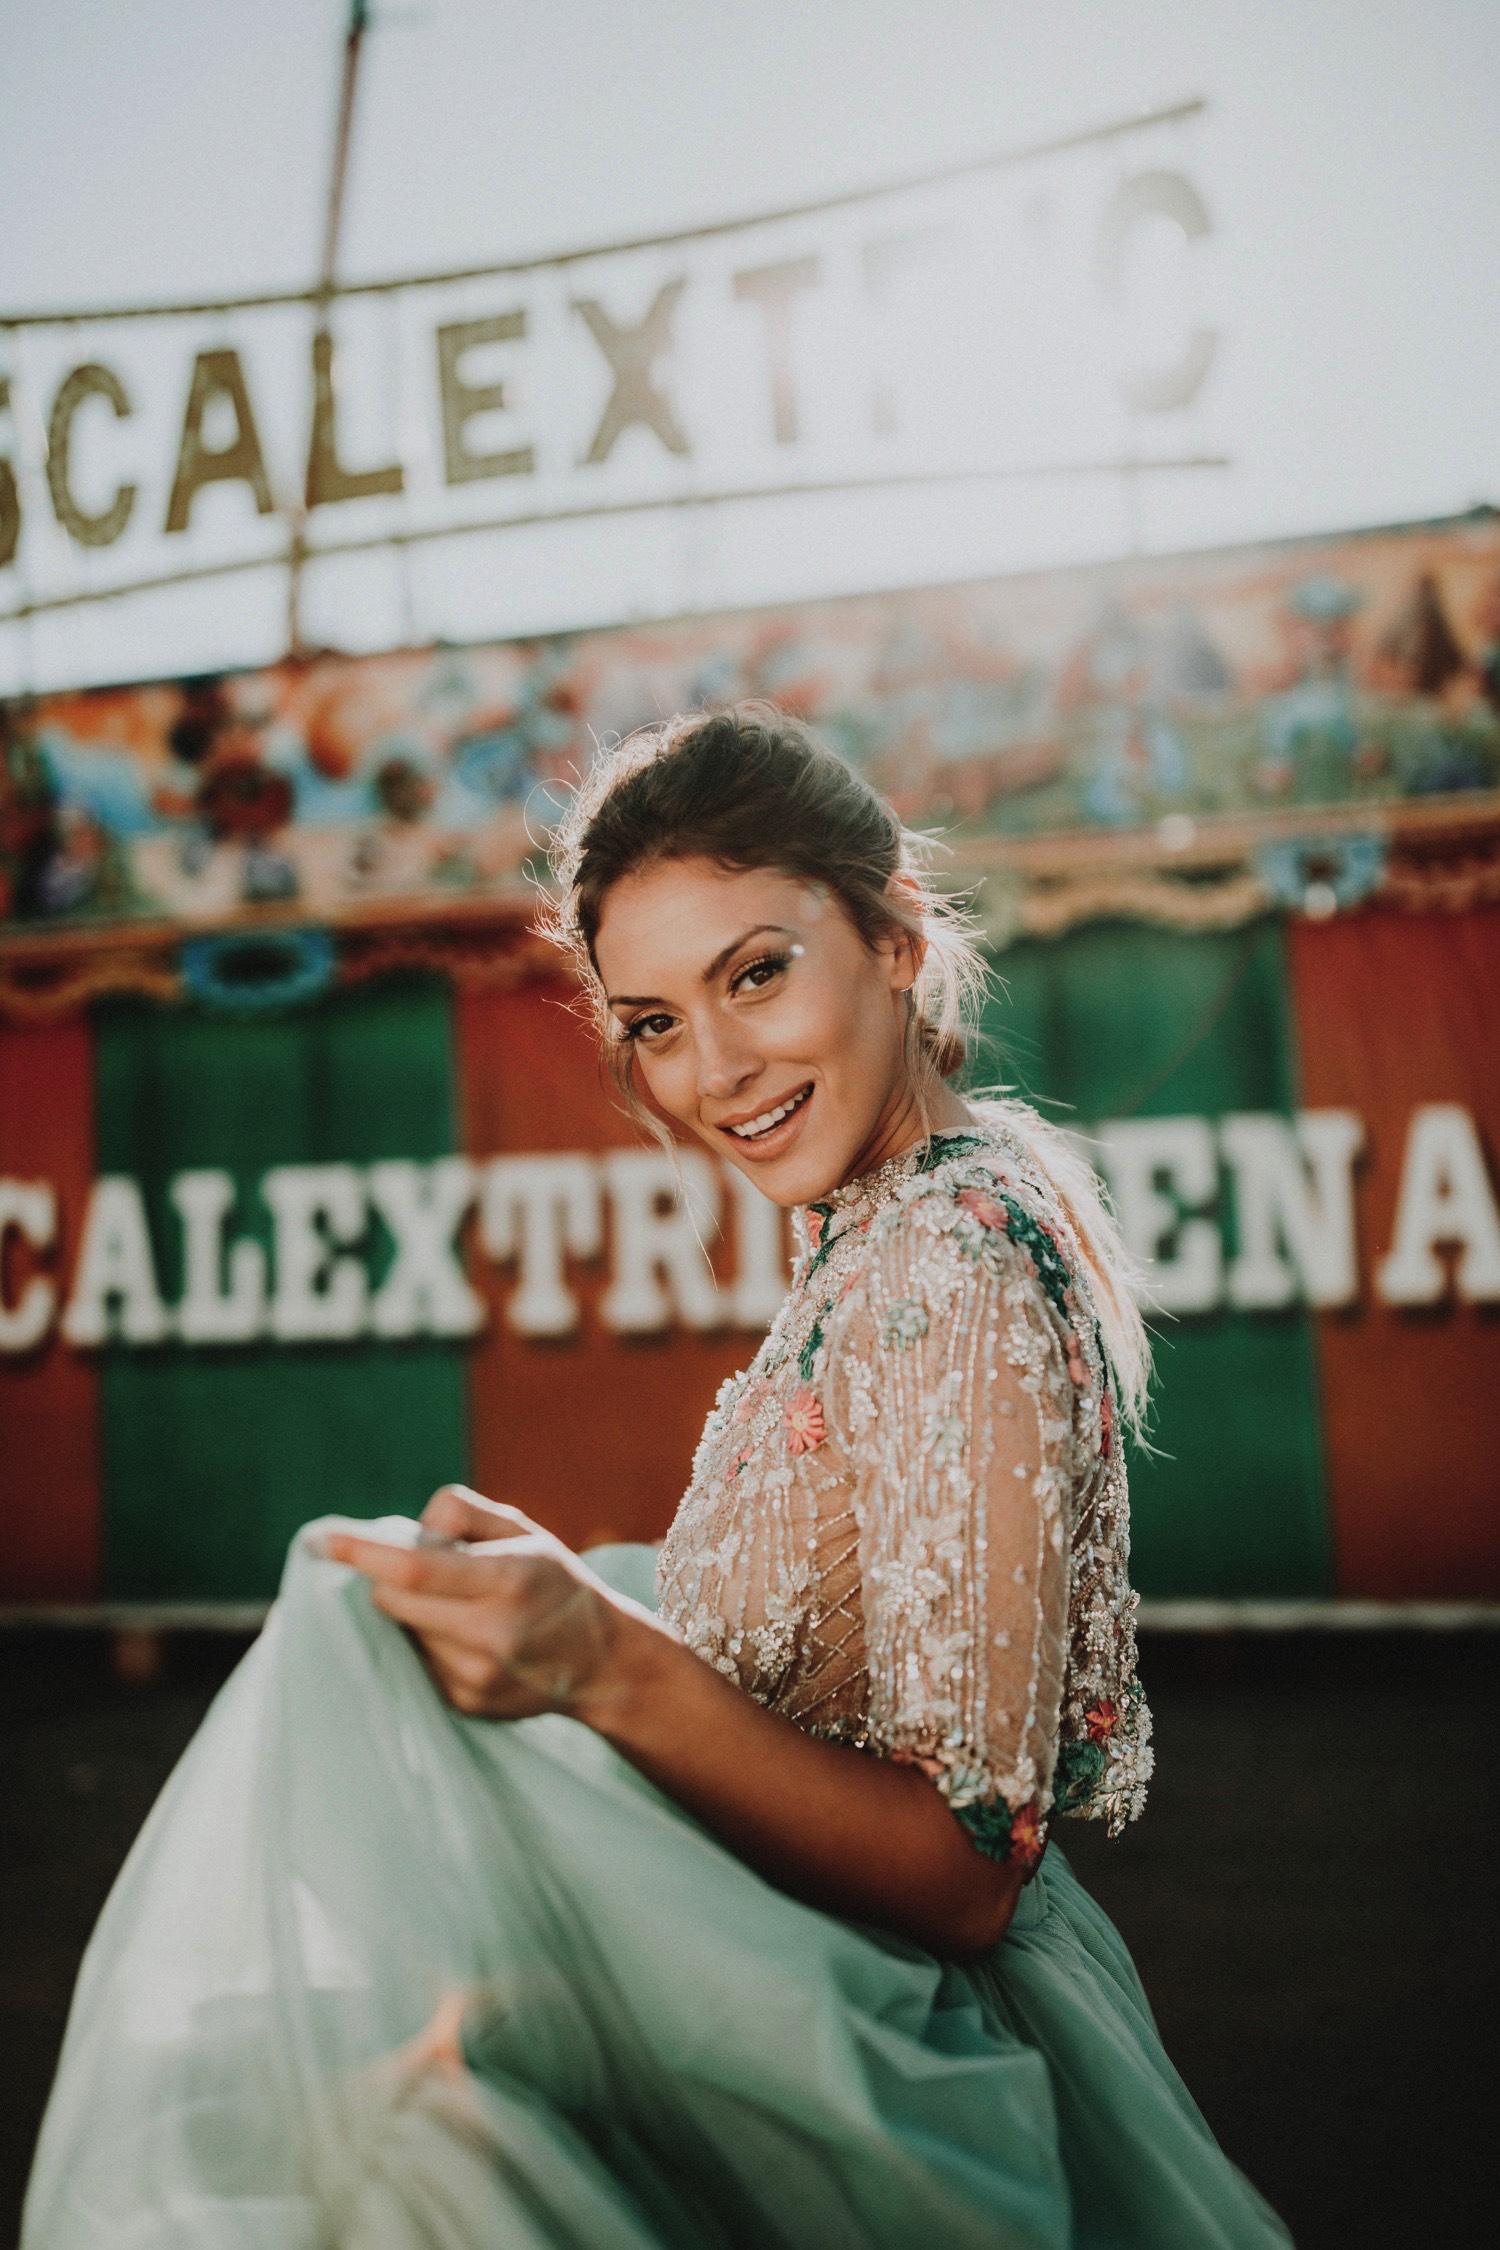 ernestovillalba-aliciarueda-bridalada-wedding-0092-ASE_feria_sevilla_bridalada_feriadeabril_weddingdress_aliciaruedaaltacostura_aliciarueda_moda_scalextric_parque_fashion_atracciones_de.jpg